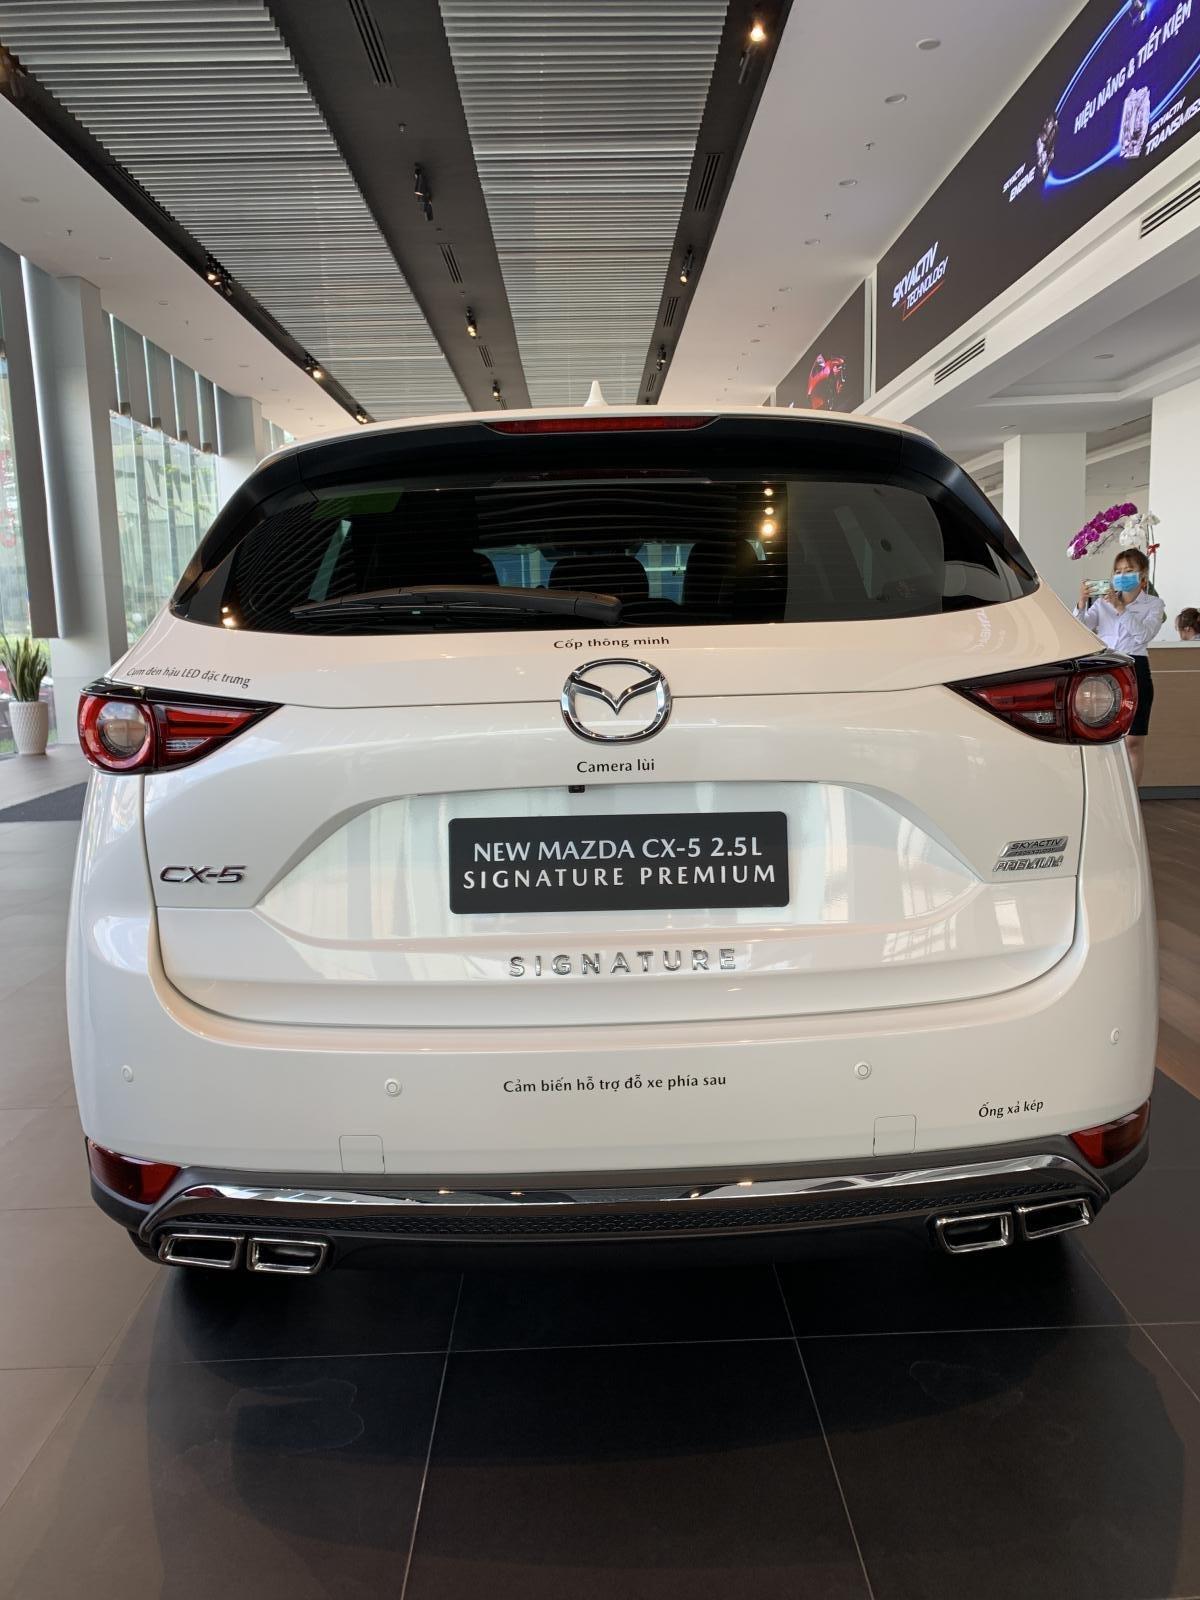 Bán Mazda CX5 giá từ 859tr xe giao ngay, liên hệ ngay với chúng tôi để nhận được ưu đãi tốt nhất (3)